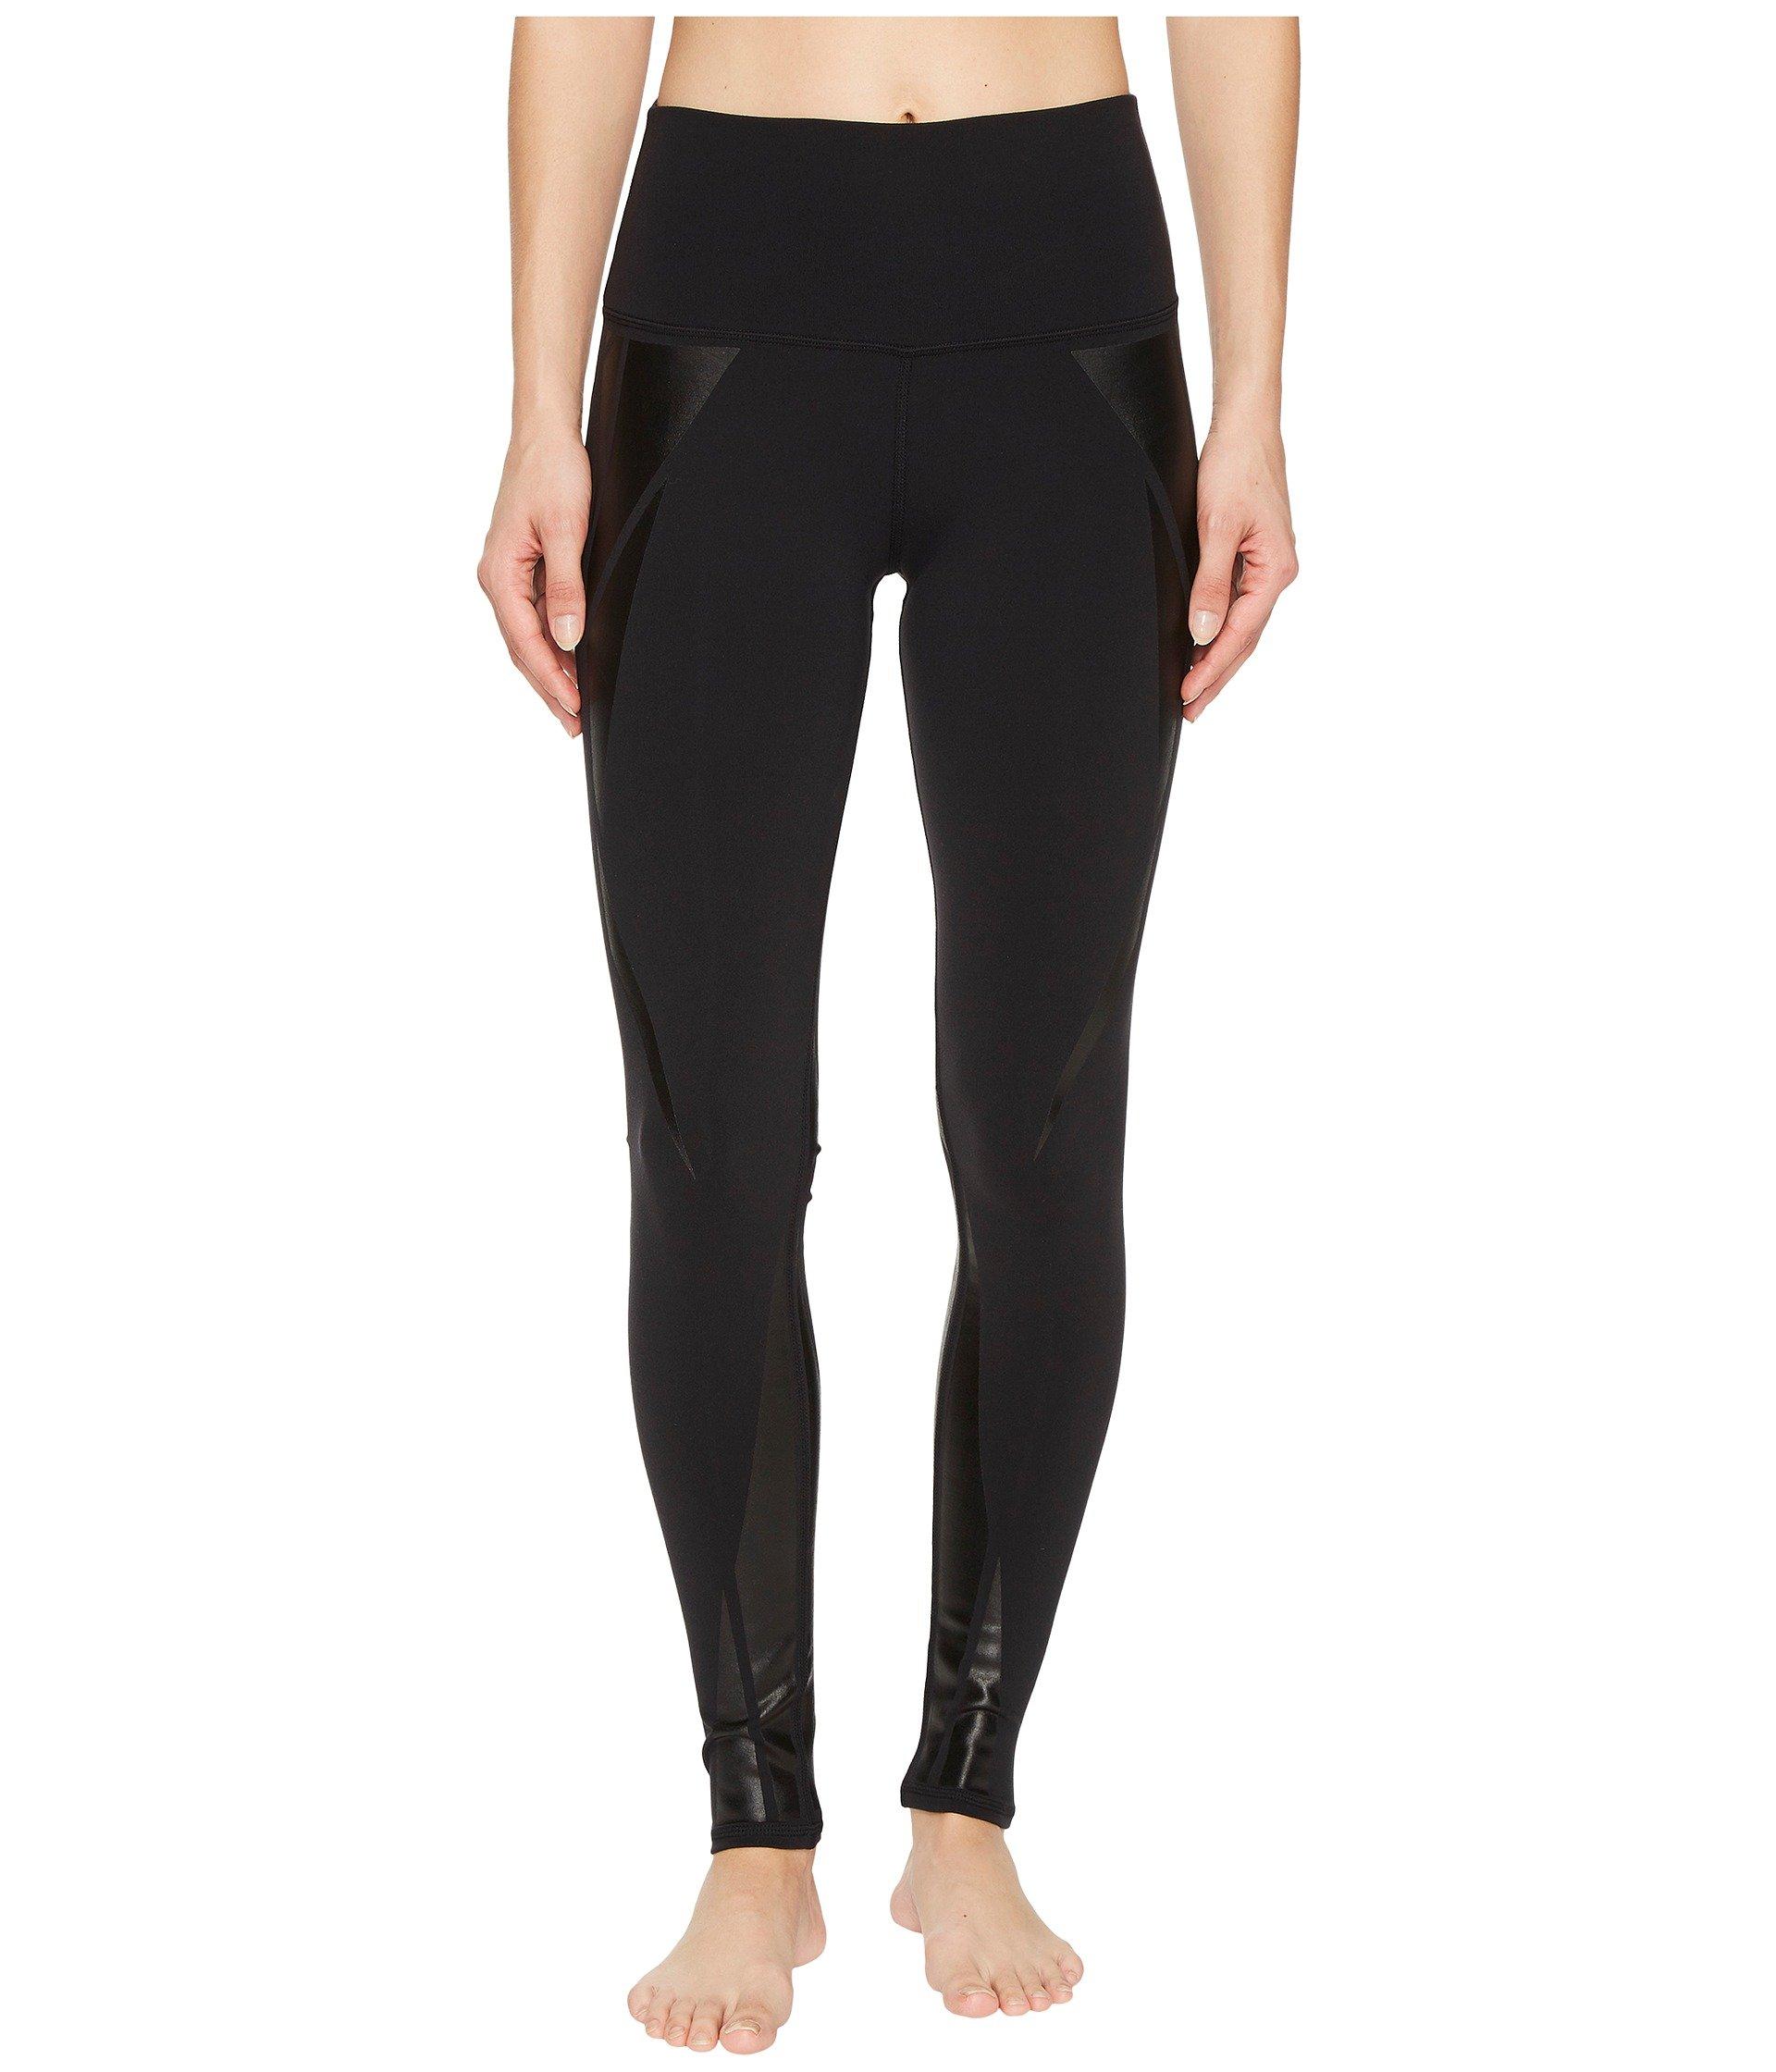 Alo Yoga Women's High Waist Airbrush Legging, Black/Black Facet, L